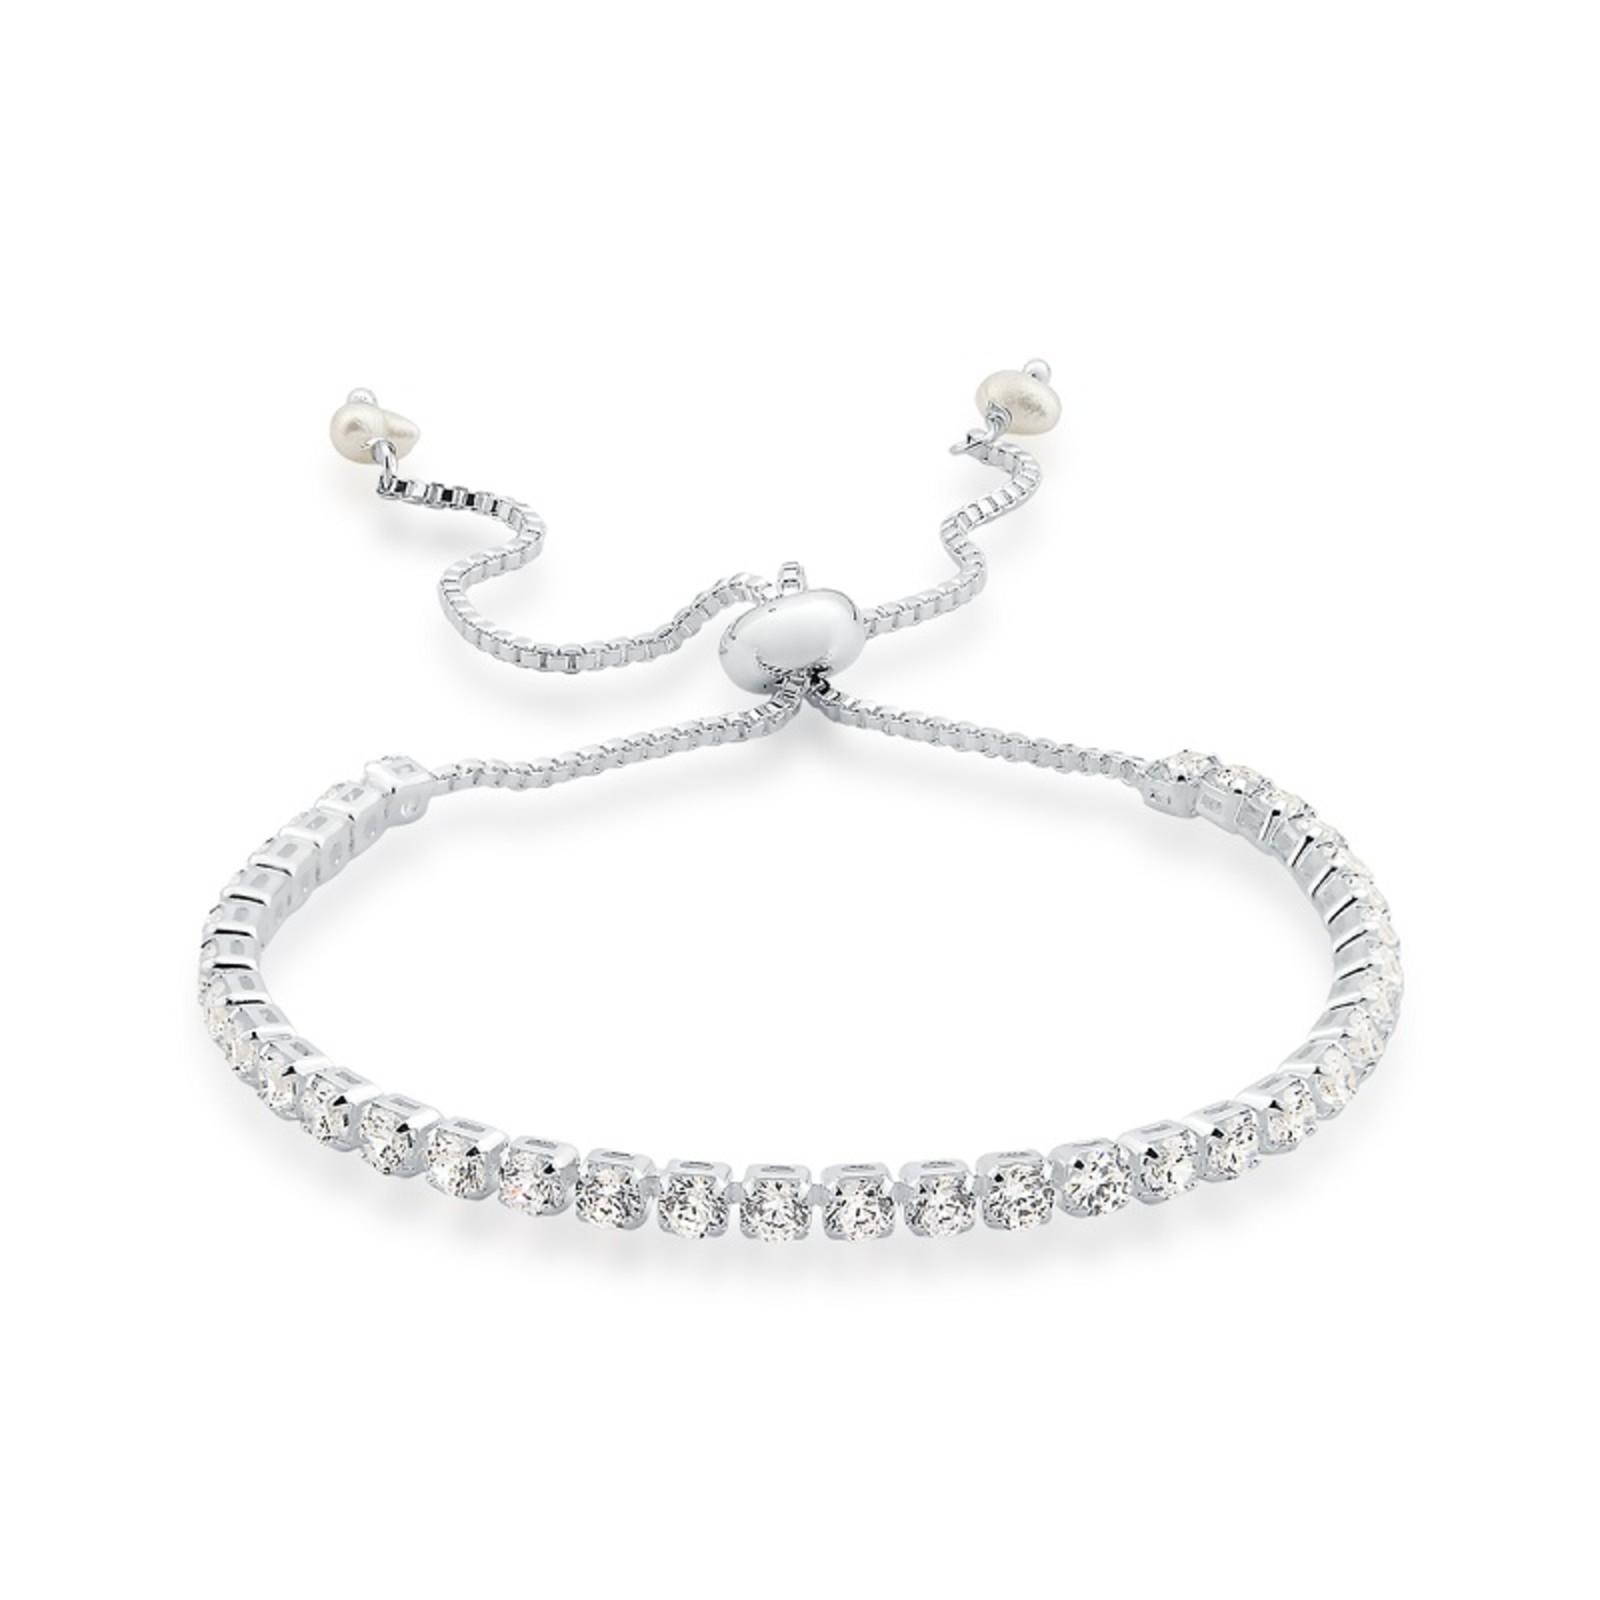 Pulseira Le Diamond de Zirconias Ródio Branco